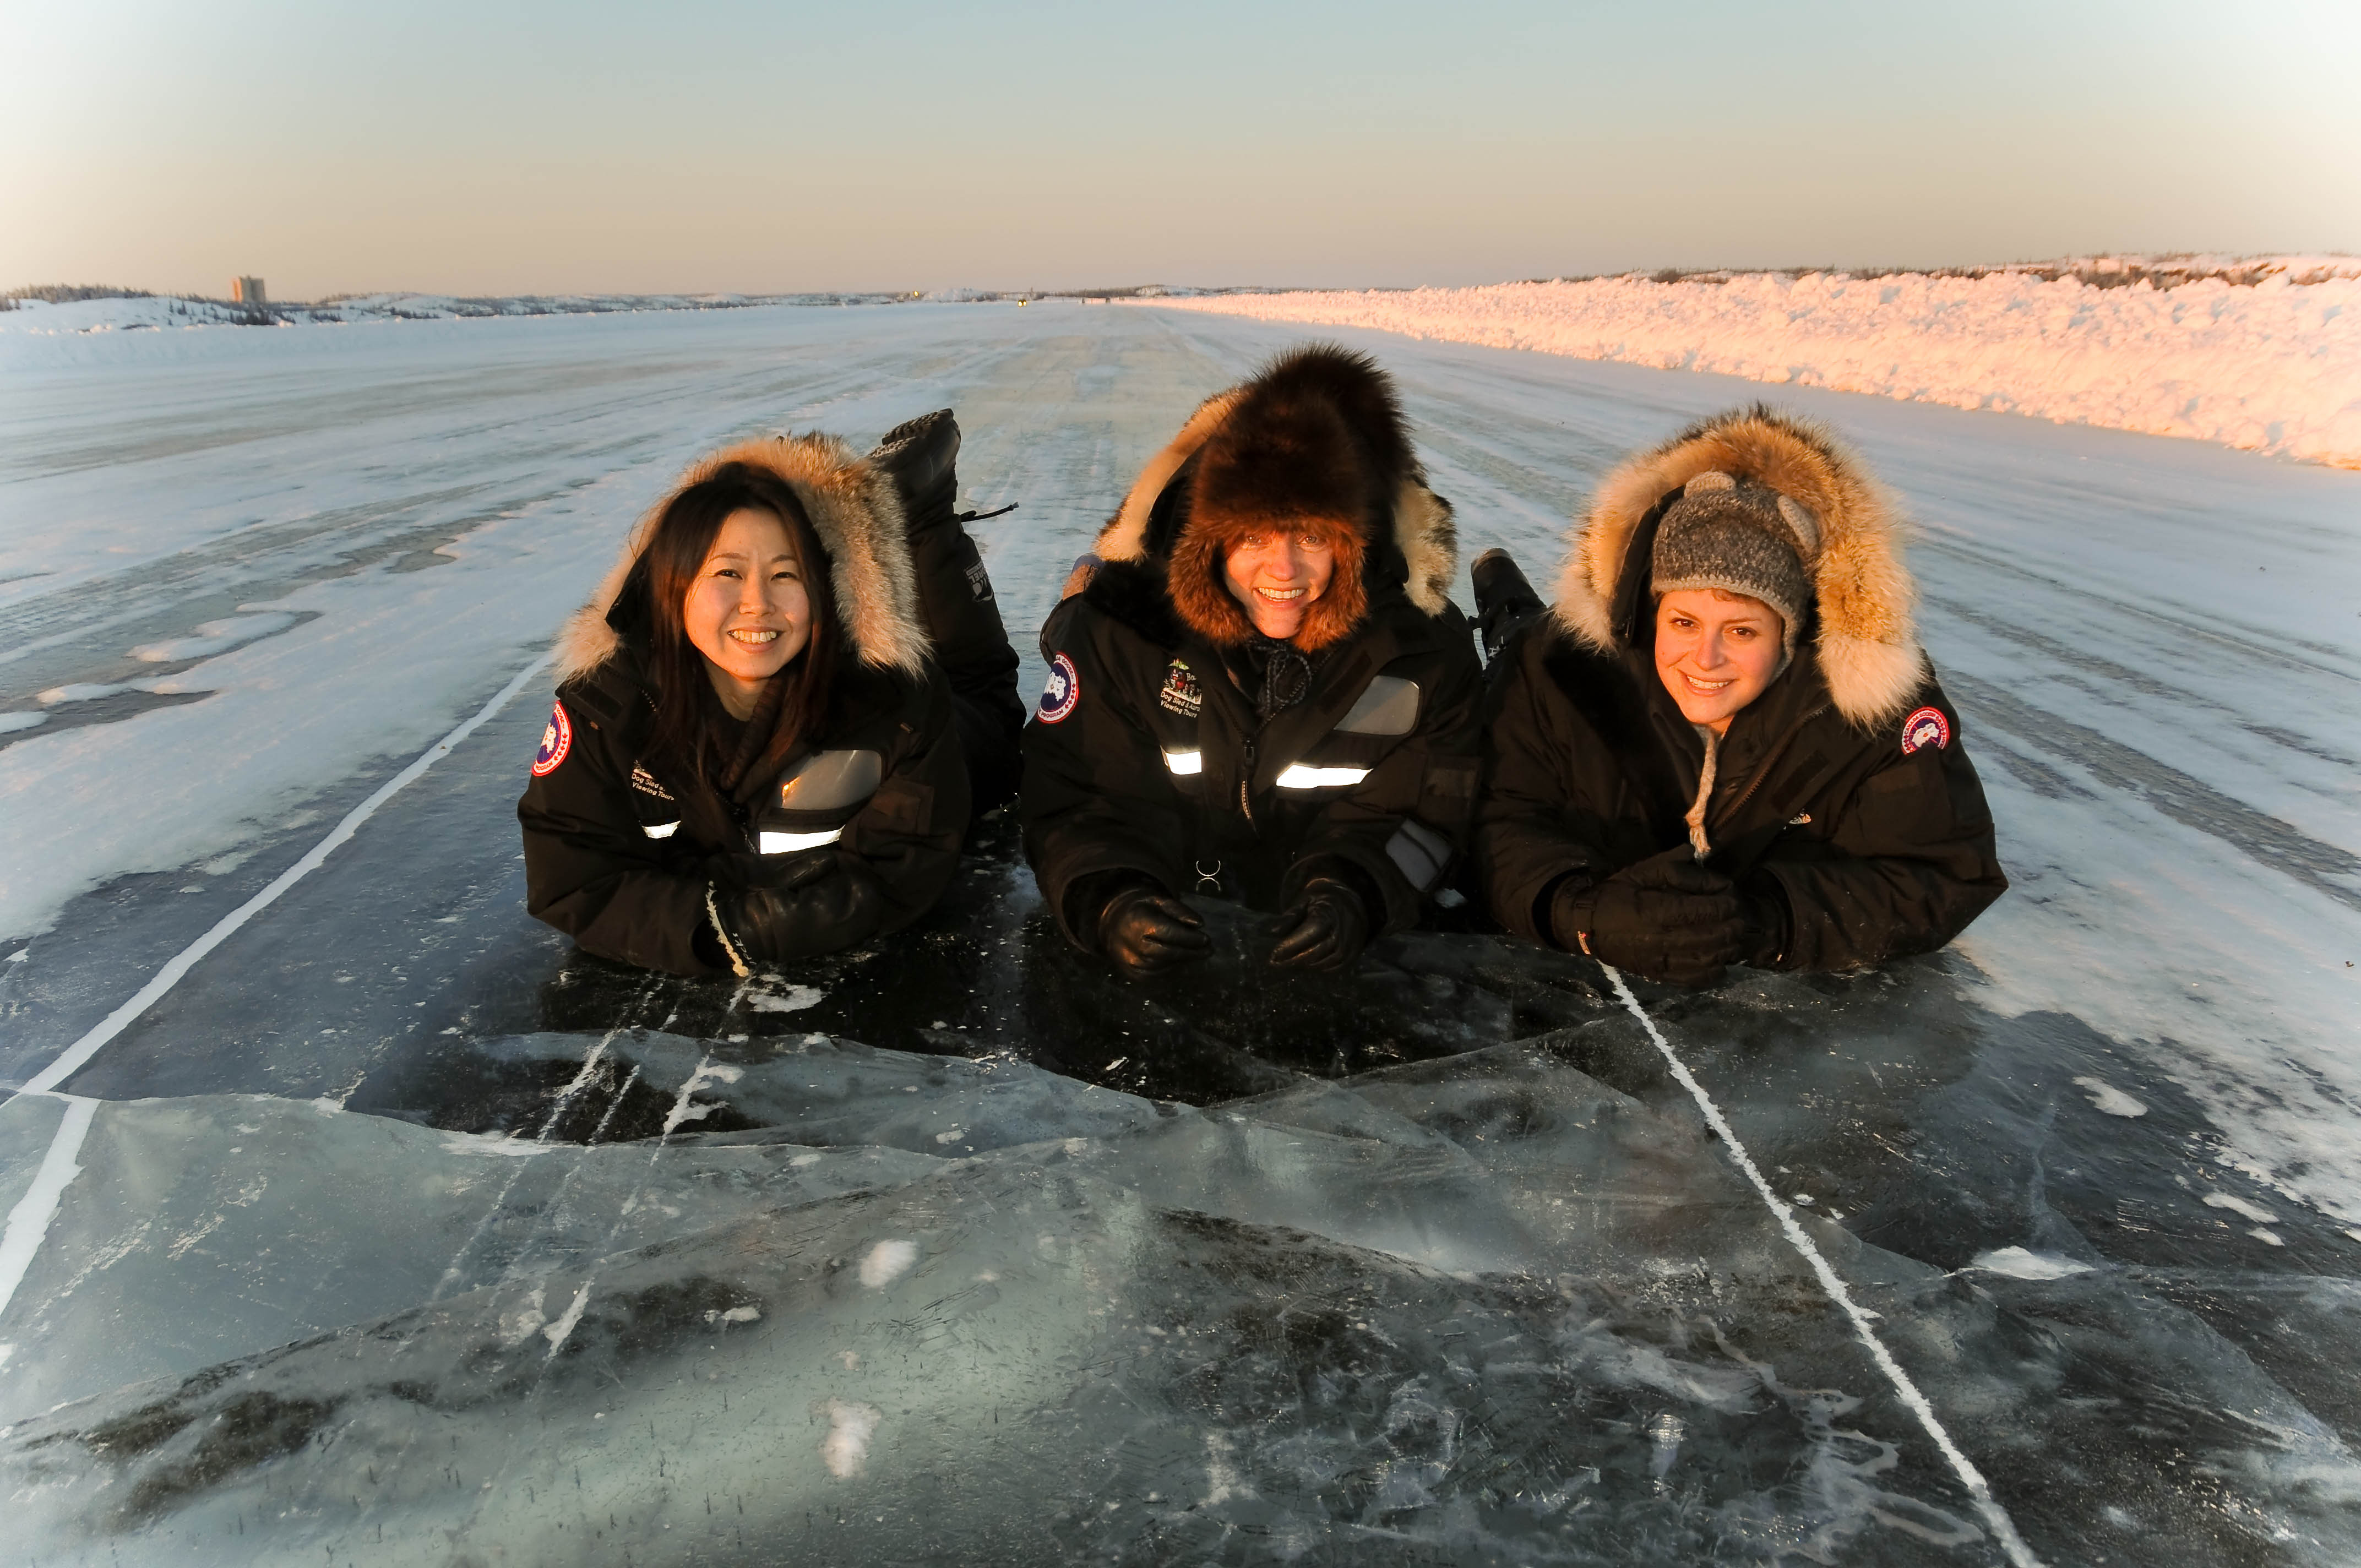 市内観光で訪れるアイスロードの上でパシャリ!湖が完全に凍って出来た国道なんです!(オプショナルツアー)